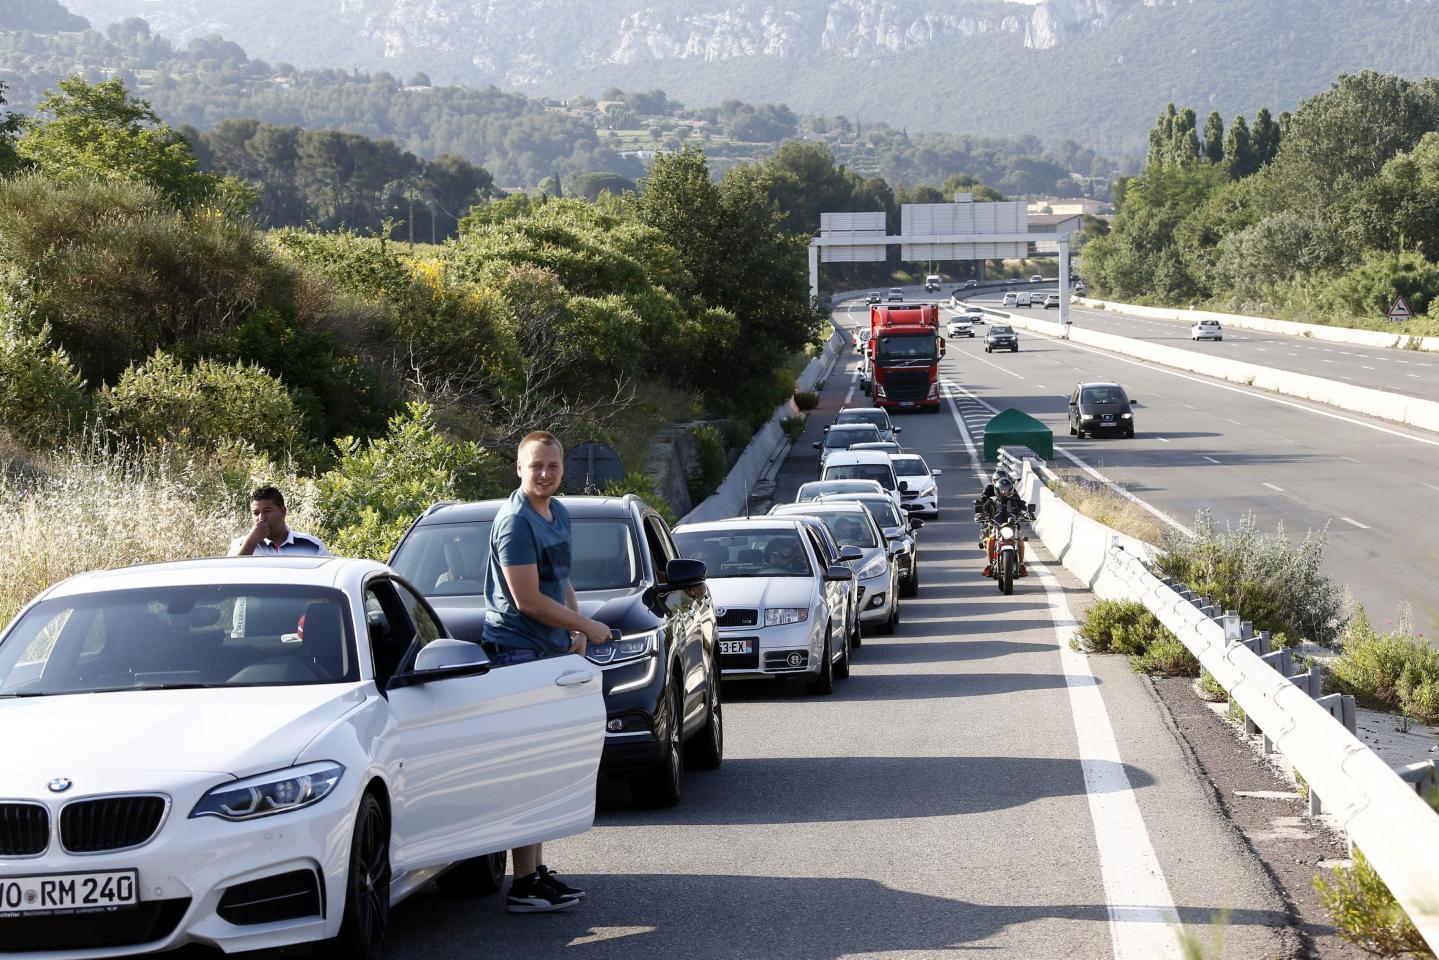 Après les embouteillages monstres de vendredi, la crainte était grande que la situation sur les routes empire encore hier. Il n'en a rien été, malgré quelques ralentissements prévisibles (ci-dessus à la sortie d'autoroute de La Cadière).